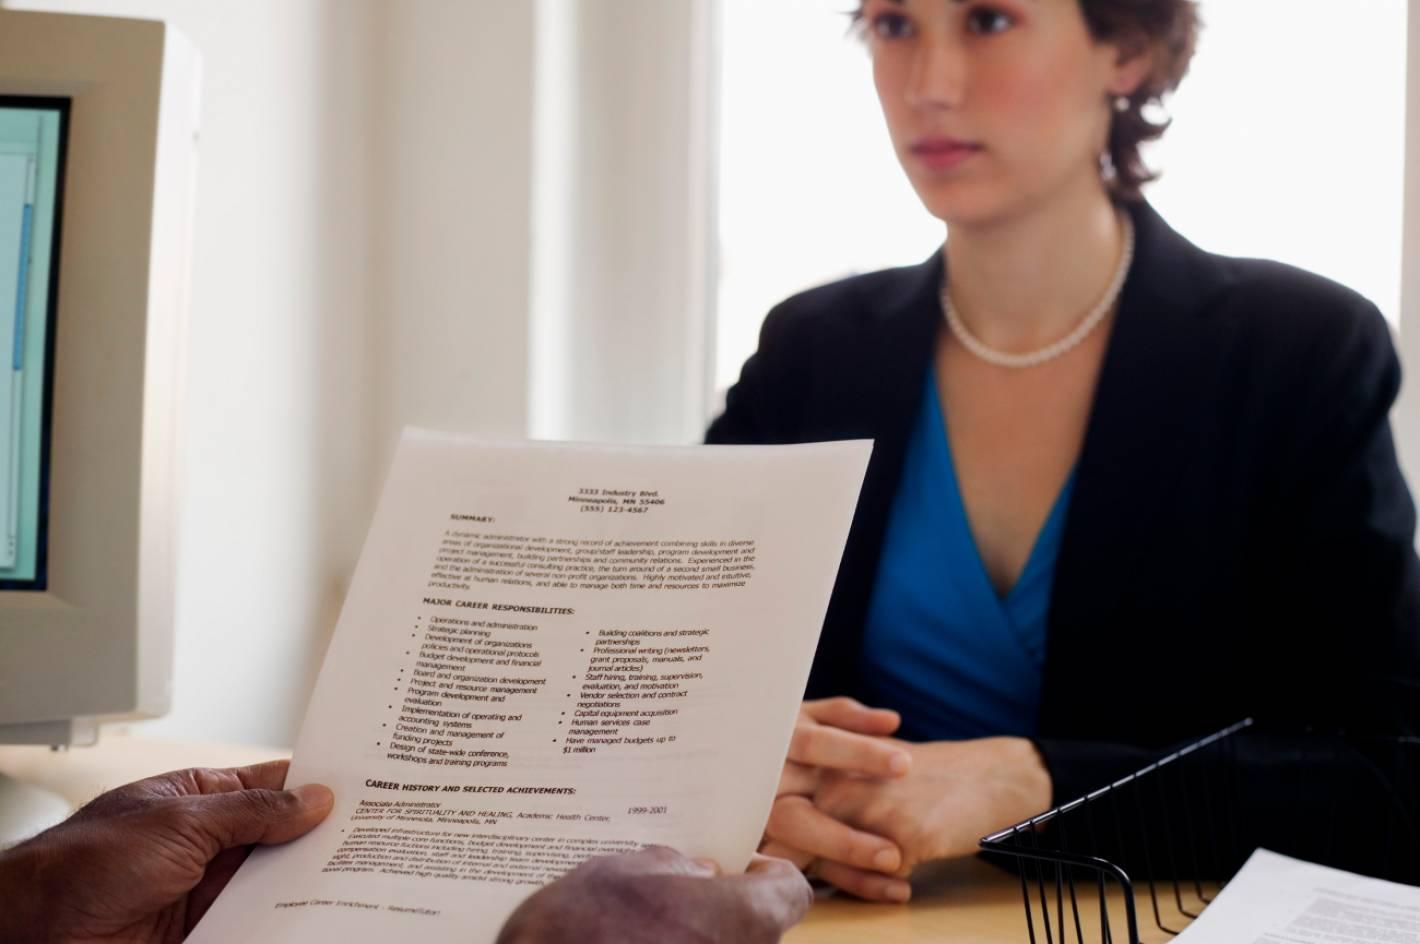 Herramientas para hacer rápido y fácil tu CV online - Mendoza Post